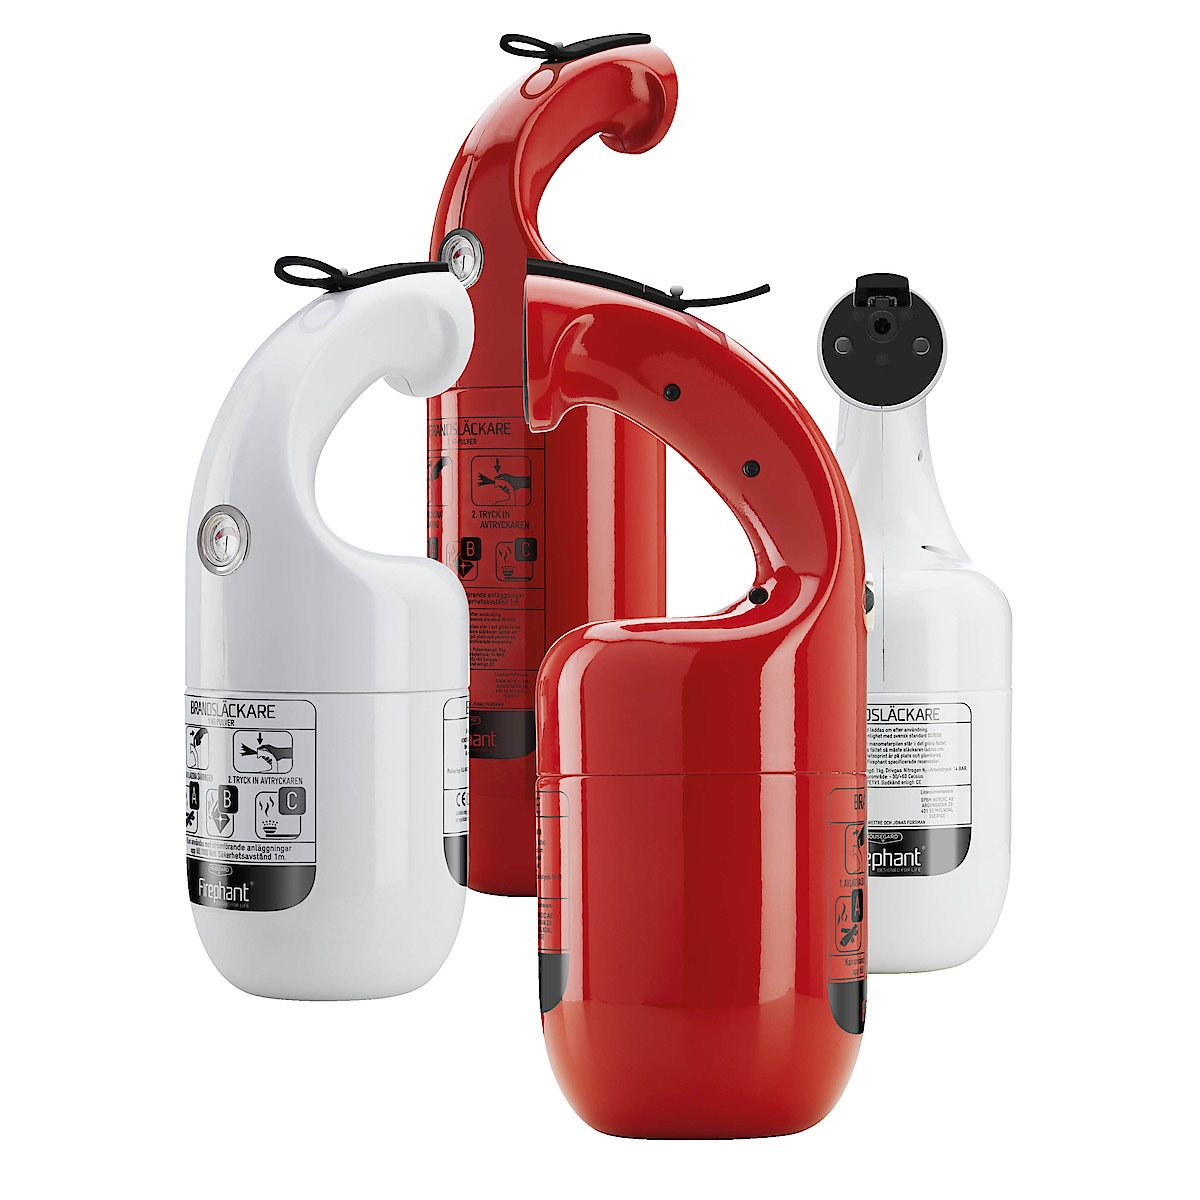 Brandsläckare Housegard Firephant